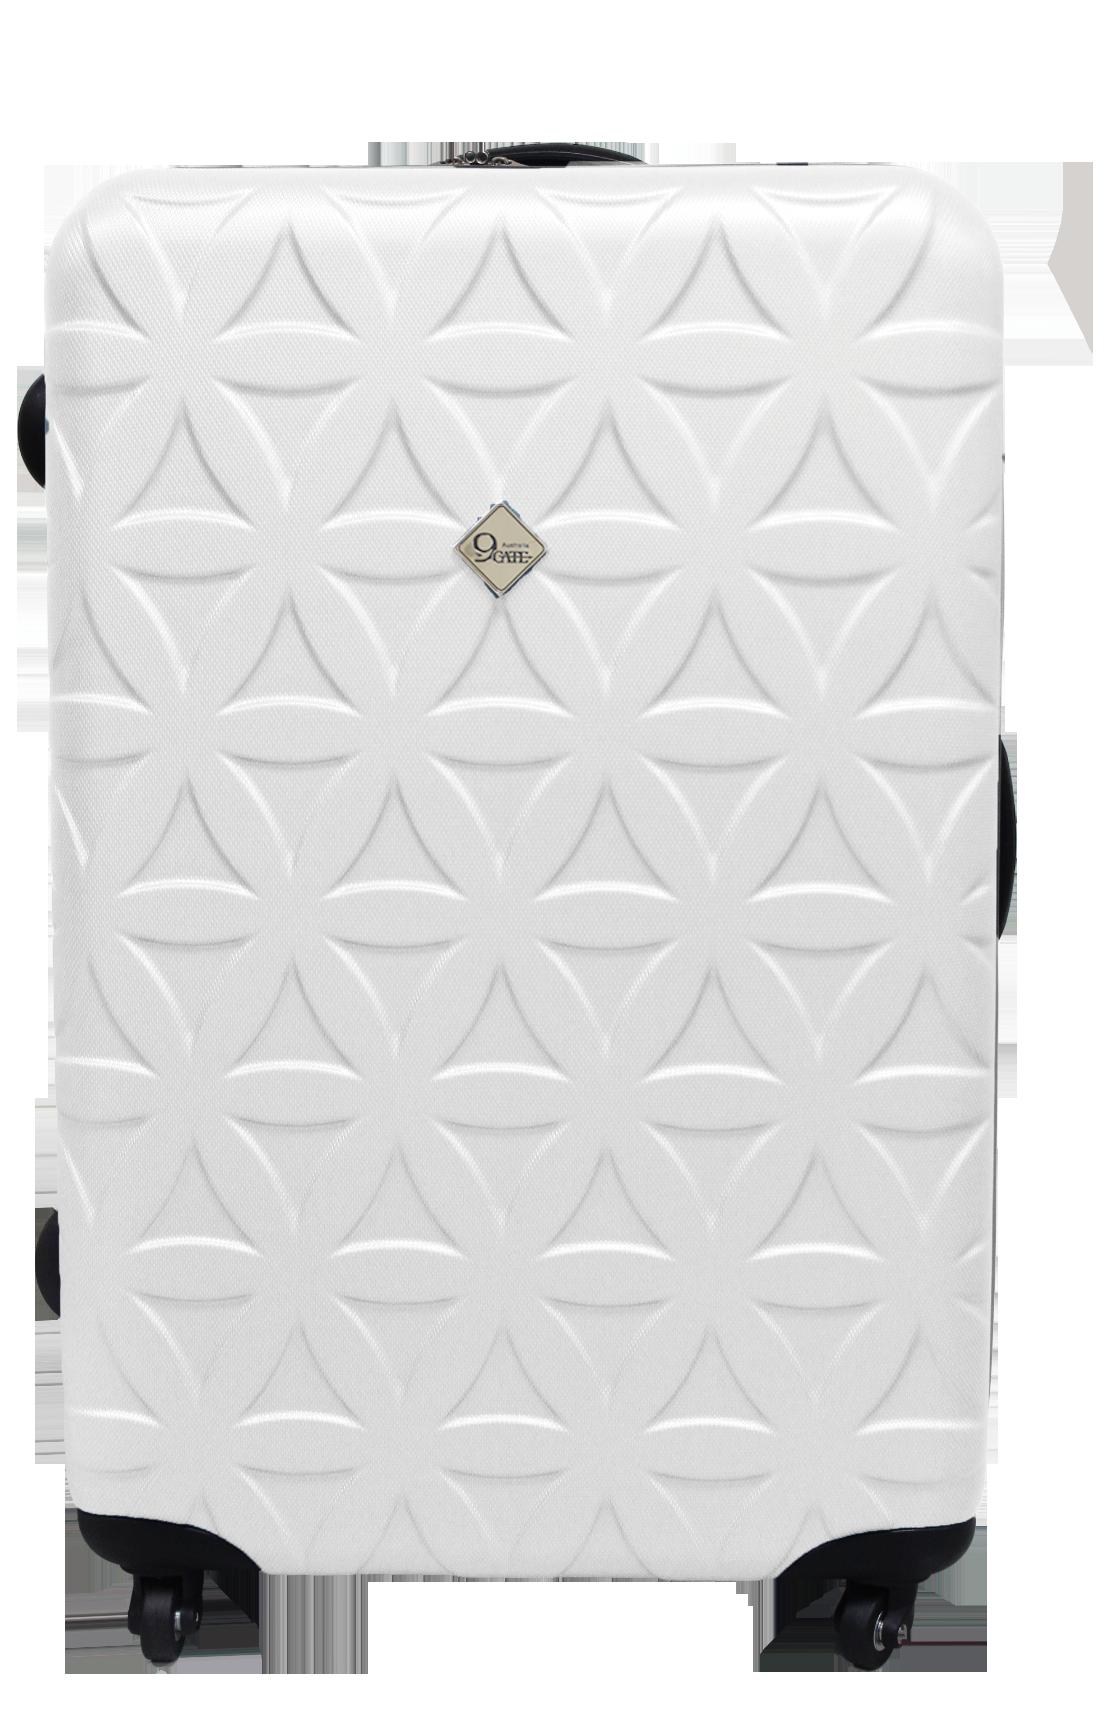 限量$888 隨機款出清特賣ABS材質24吋輕硬殼 旅行箱 行李箱 登機箱 8